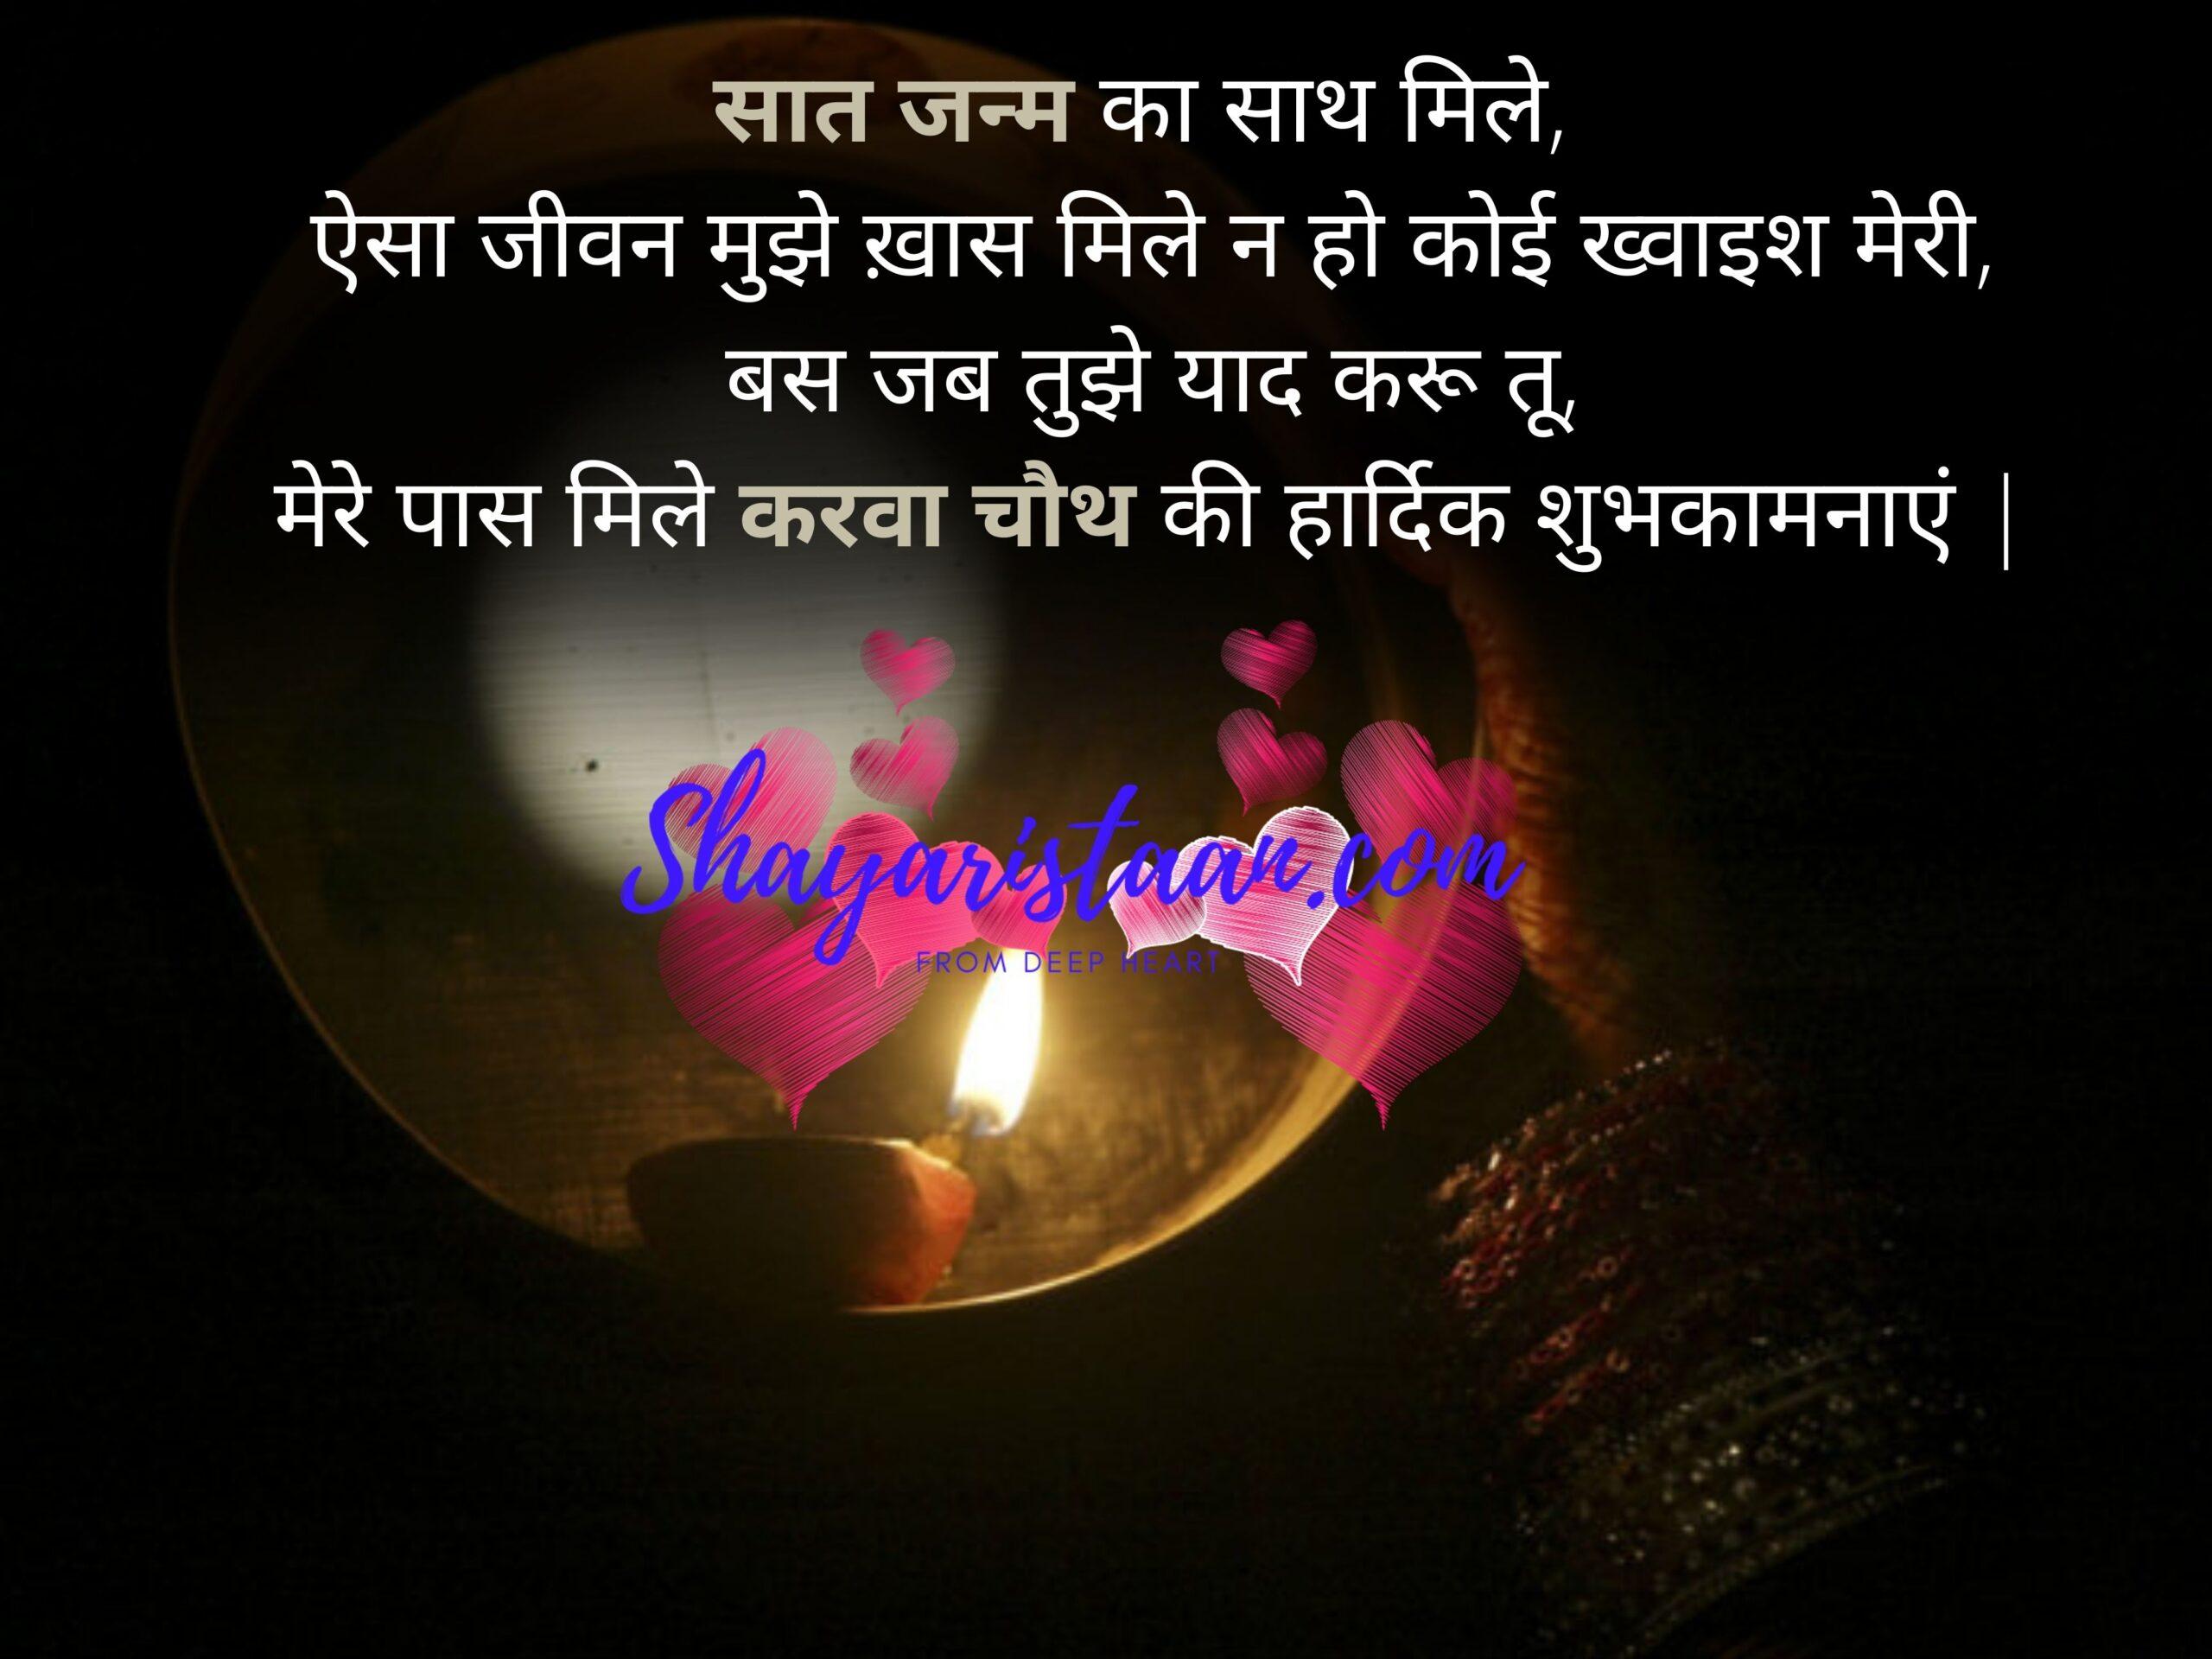 karwa chauth message   सात जन्म का साथ मिले, ऐसा जीवन मुझे ख़ास मिले न हो कोई ख्वाइश मेरी, बस जब तुझे याद करू तू, मेरे पास मिले करवा चौथ की हार्दिक शुभकामनाएं  